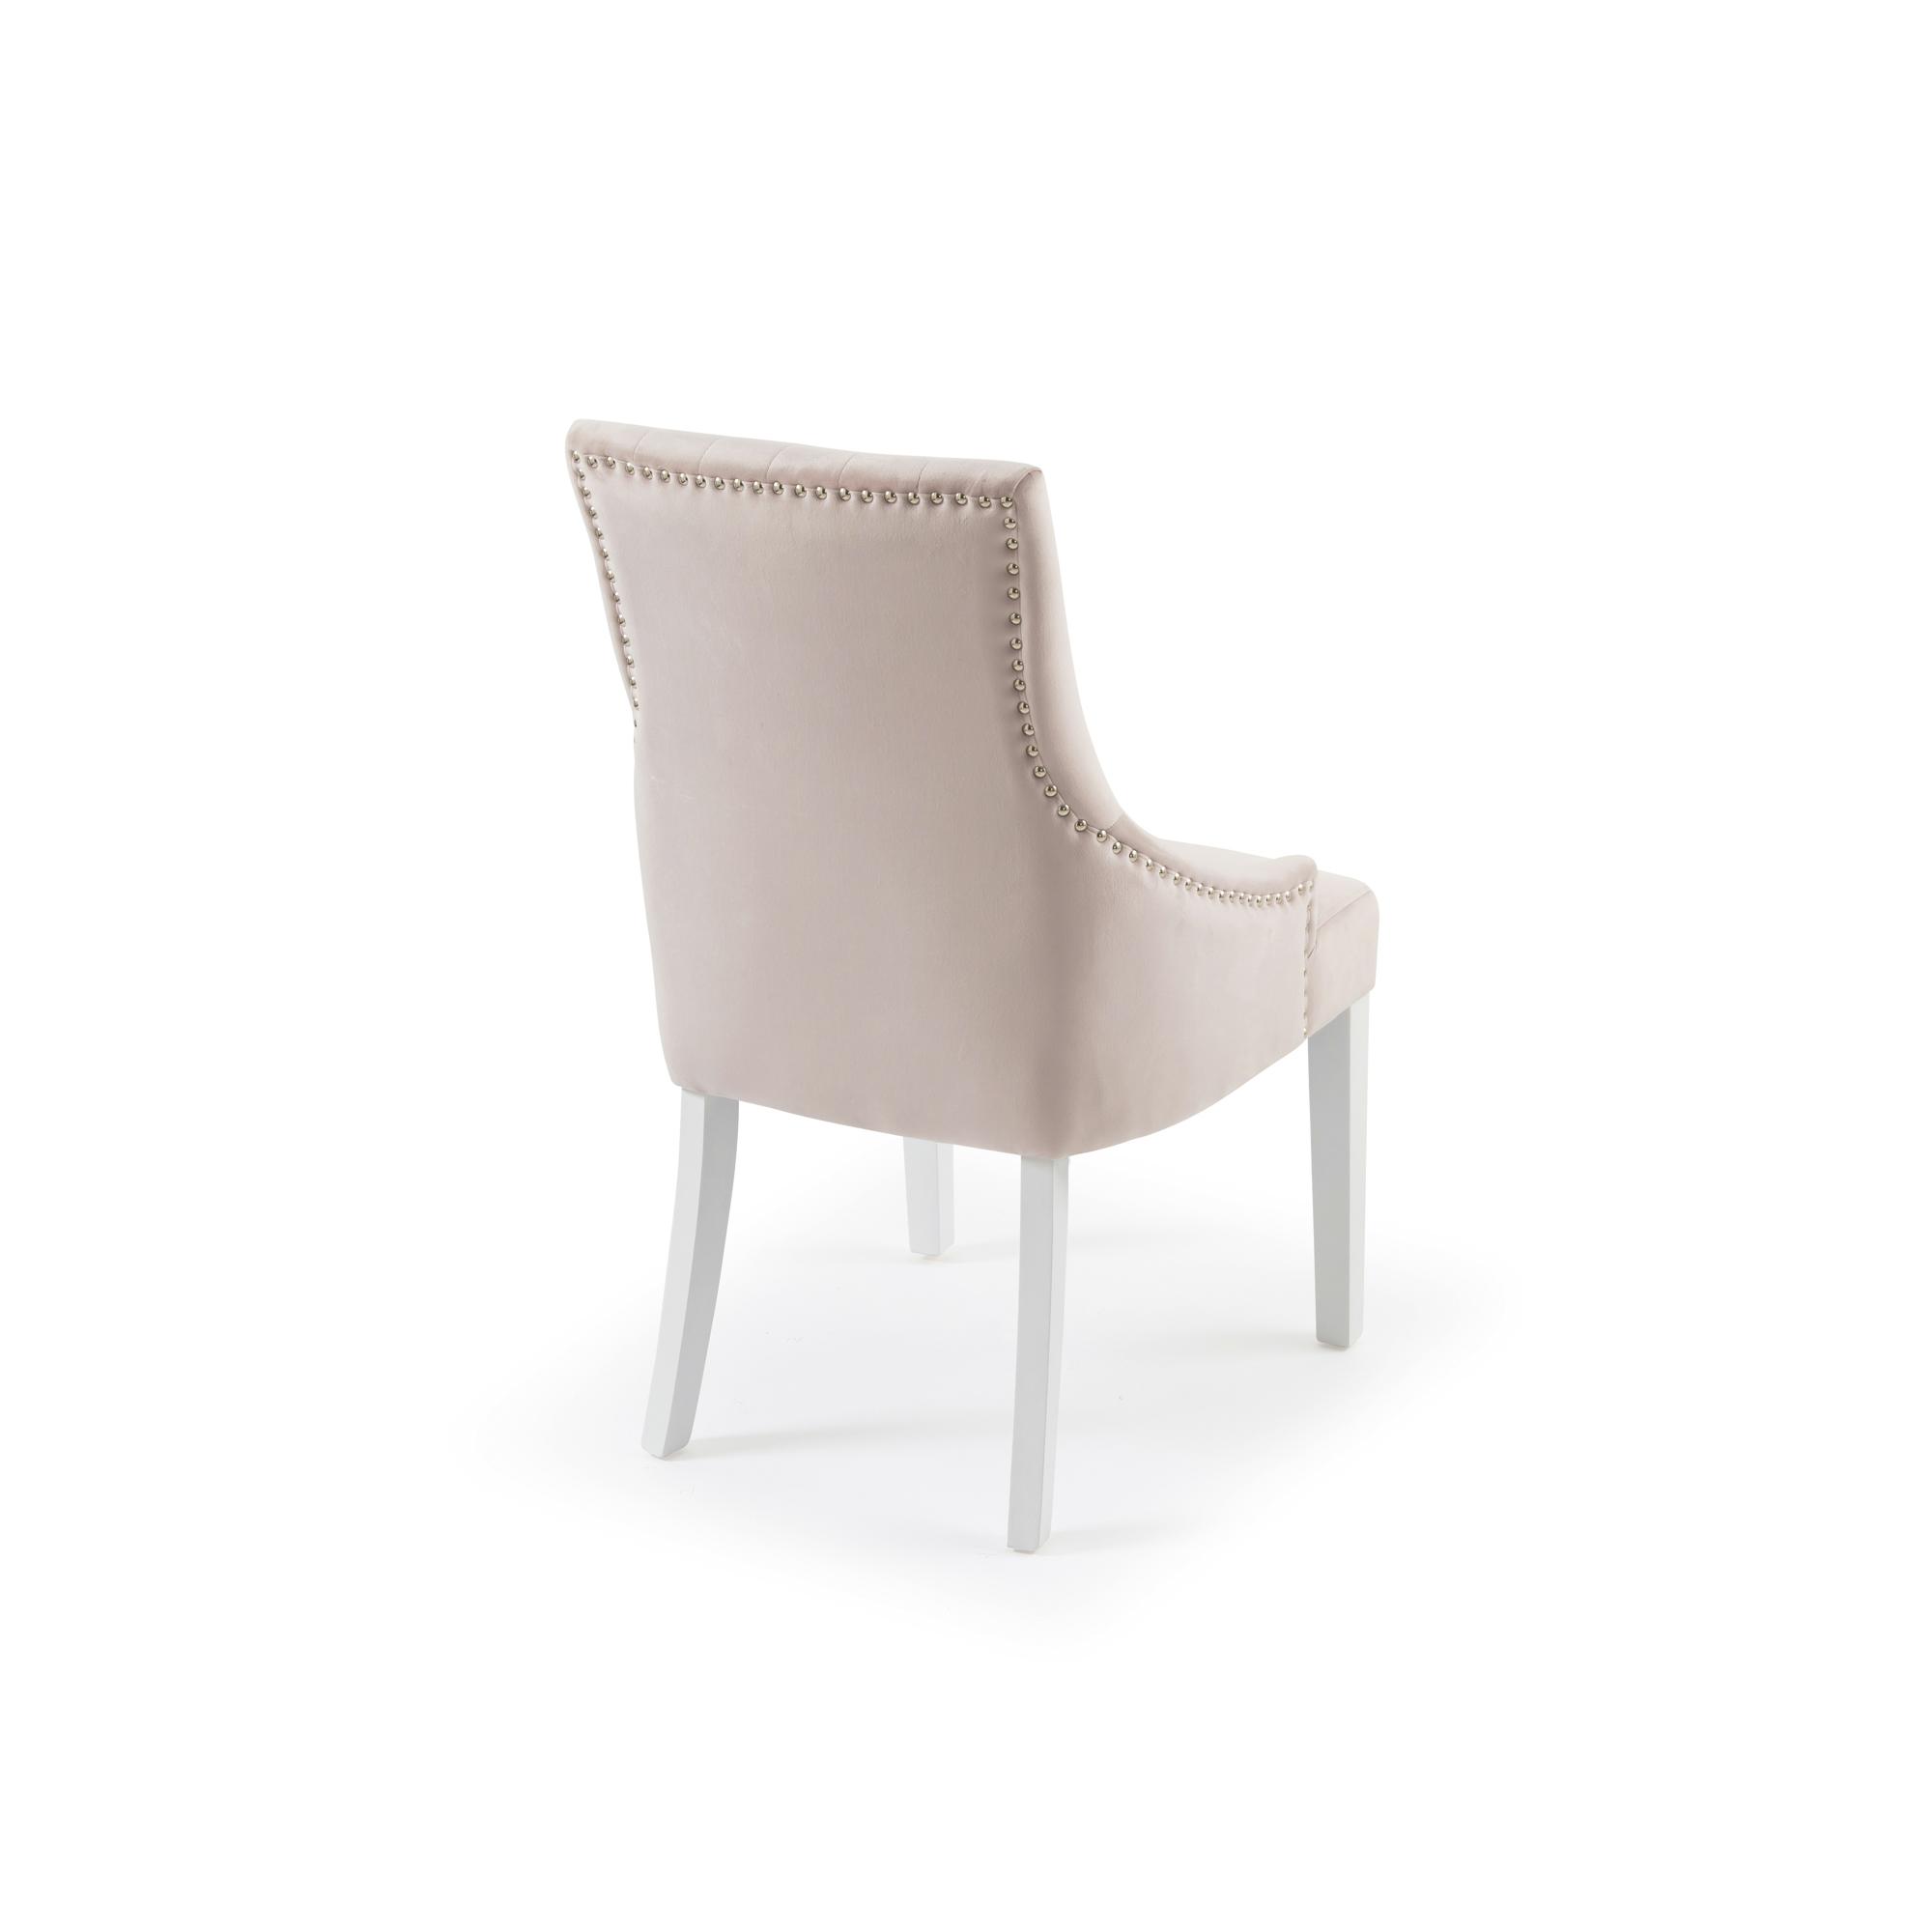 Chelsea Pink Blush Velvet Upholstered Scoop Dining/Bedroom Chair – White Legs